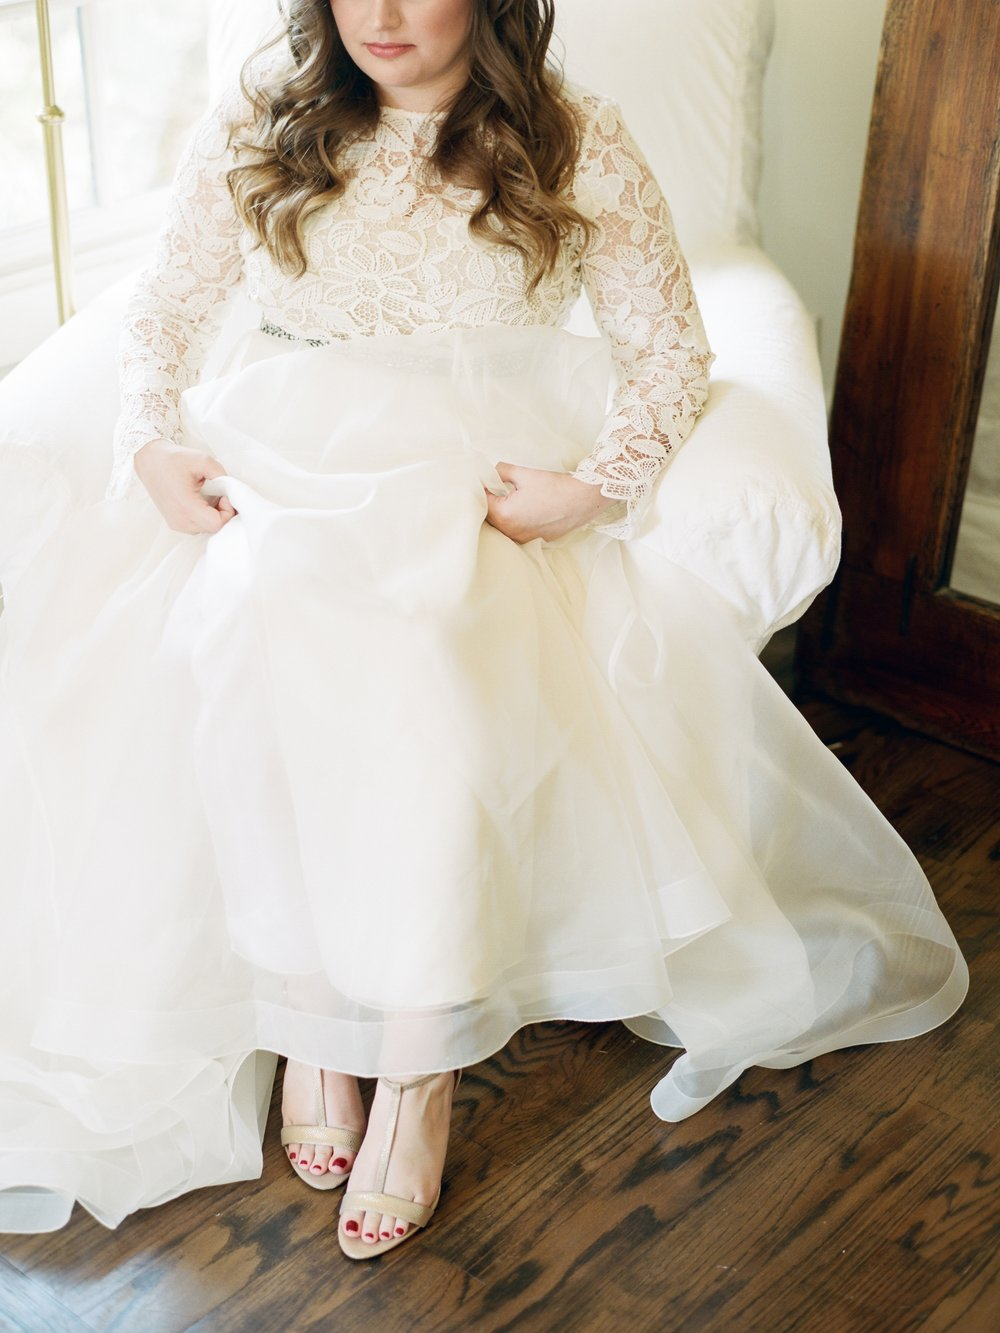 rosemary_beach_wedding_photographer_shannon_griffin_0008.jpg